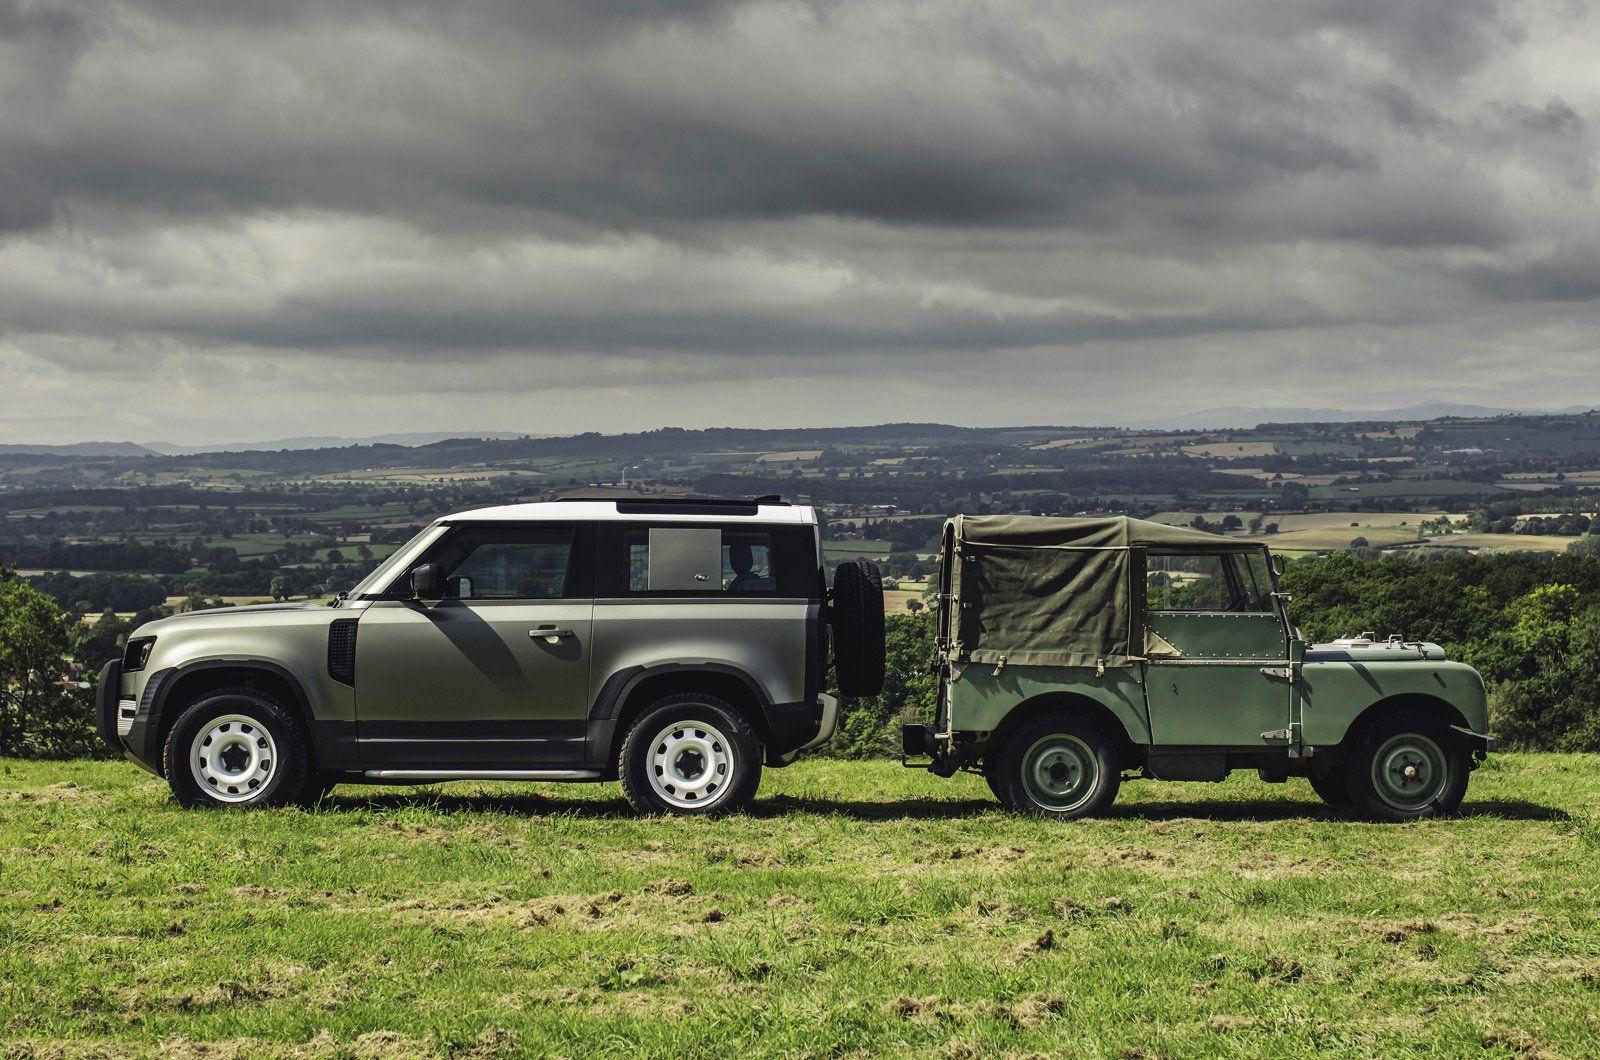 مراجعة لاند روفر ديفندر 2020 الجديدة كليا تقرير كامل سعر ومواصفات وموديلات Land Rover Defender Land Rover New Land Rover